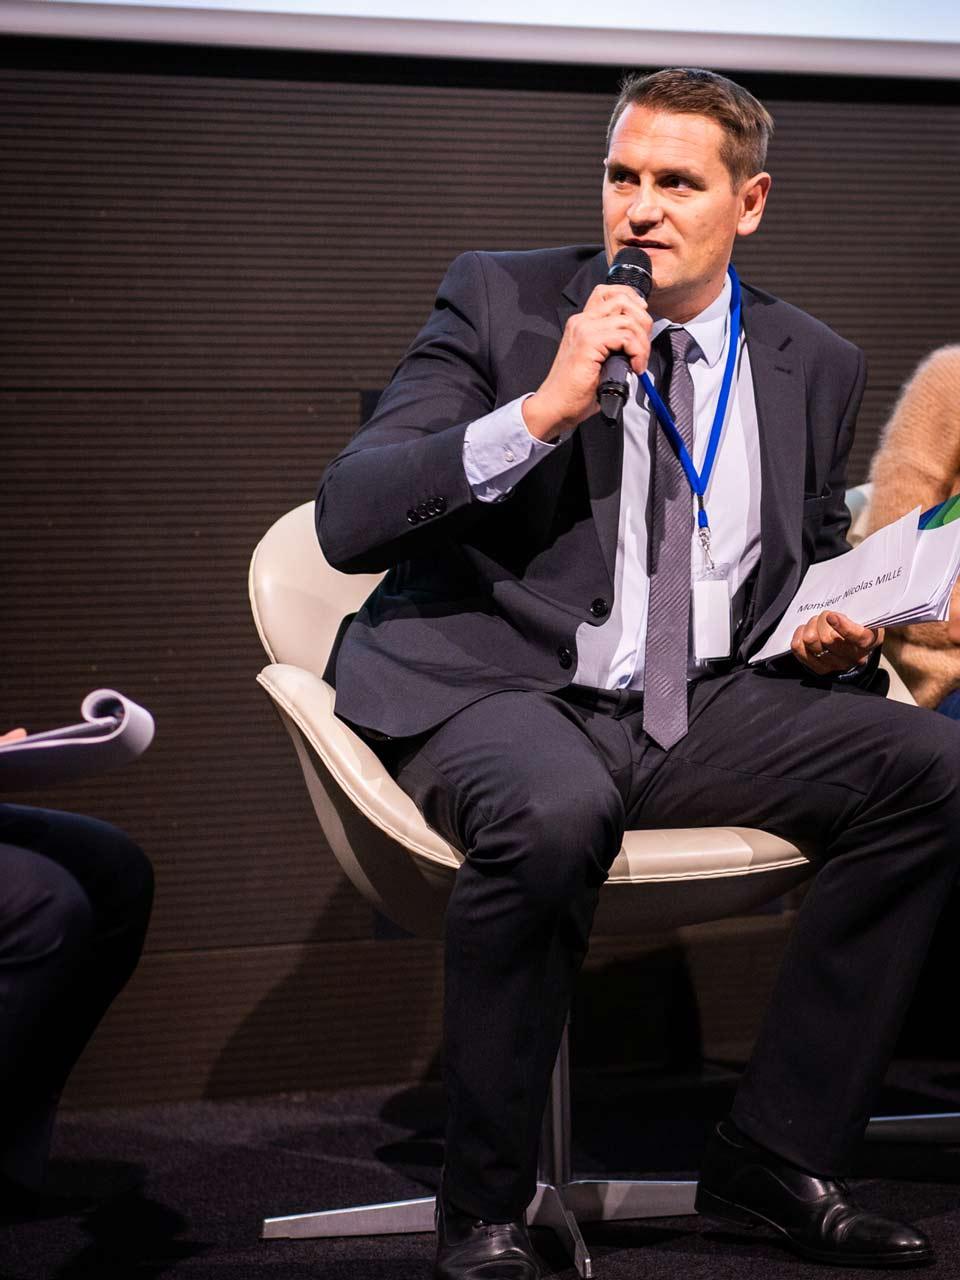 Nicolas Mille, Président de Gaston Mille